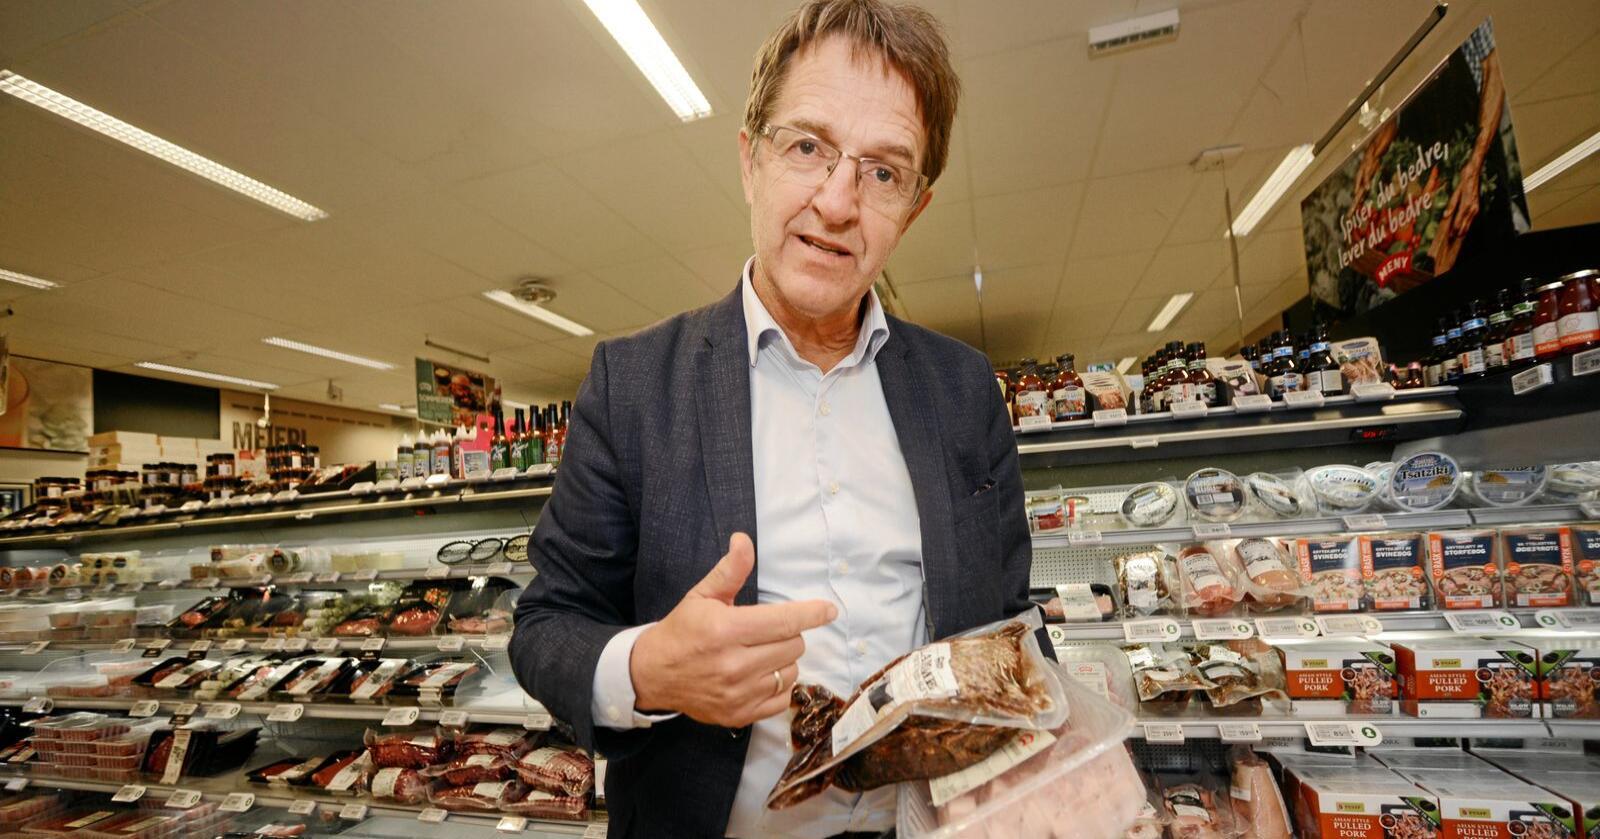 Omlegging: Ivar Pettersen, seniorrådgjevar ved Norsk institutt for bioøkonomi, seier det er behov for å endre heile verkemiddelsystemet for at ei inntektsopptrapping ikkje skal føre til overproduksjon og kraftig auke i leigekostnader og kapitalutgifter i jordbruket. Foto: Siri Juell Rasmussen